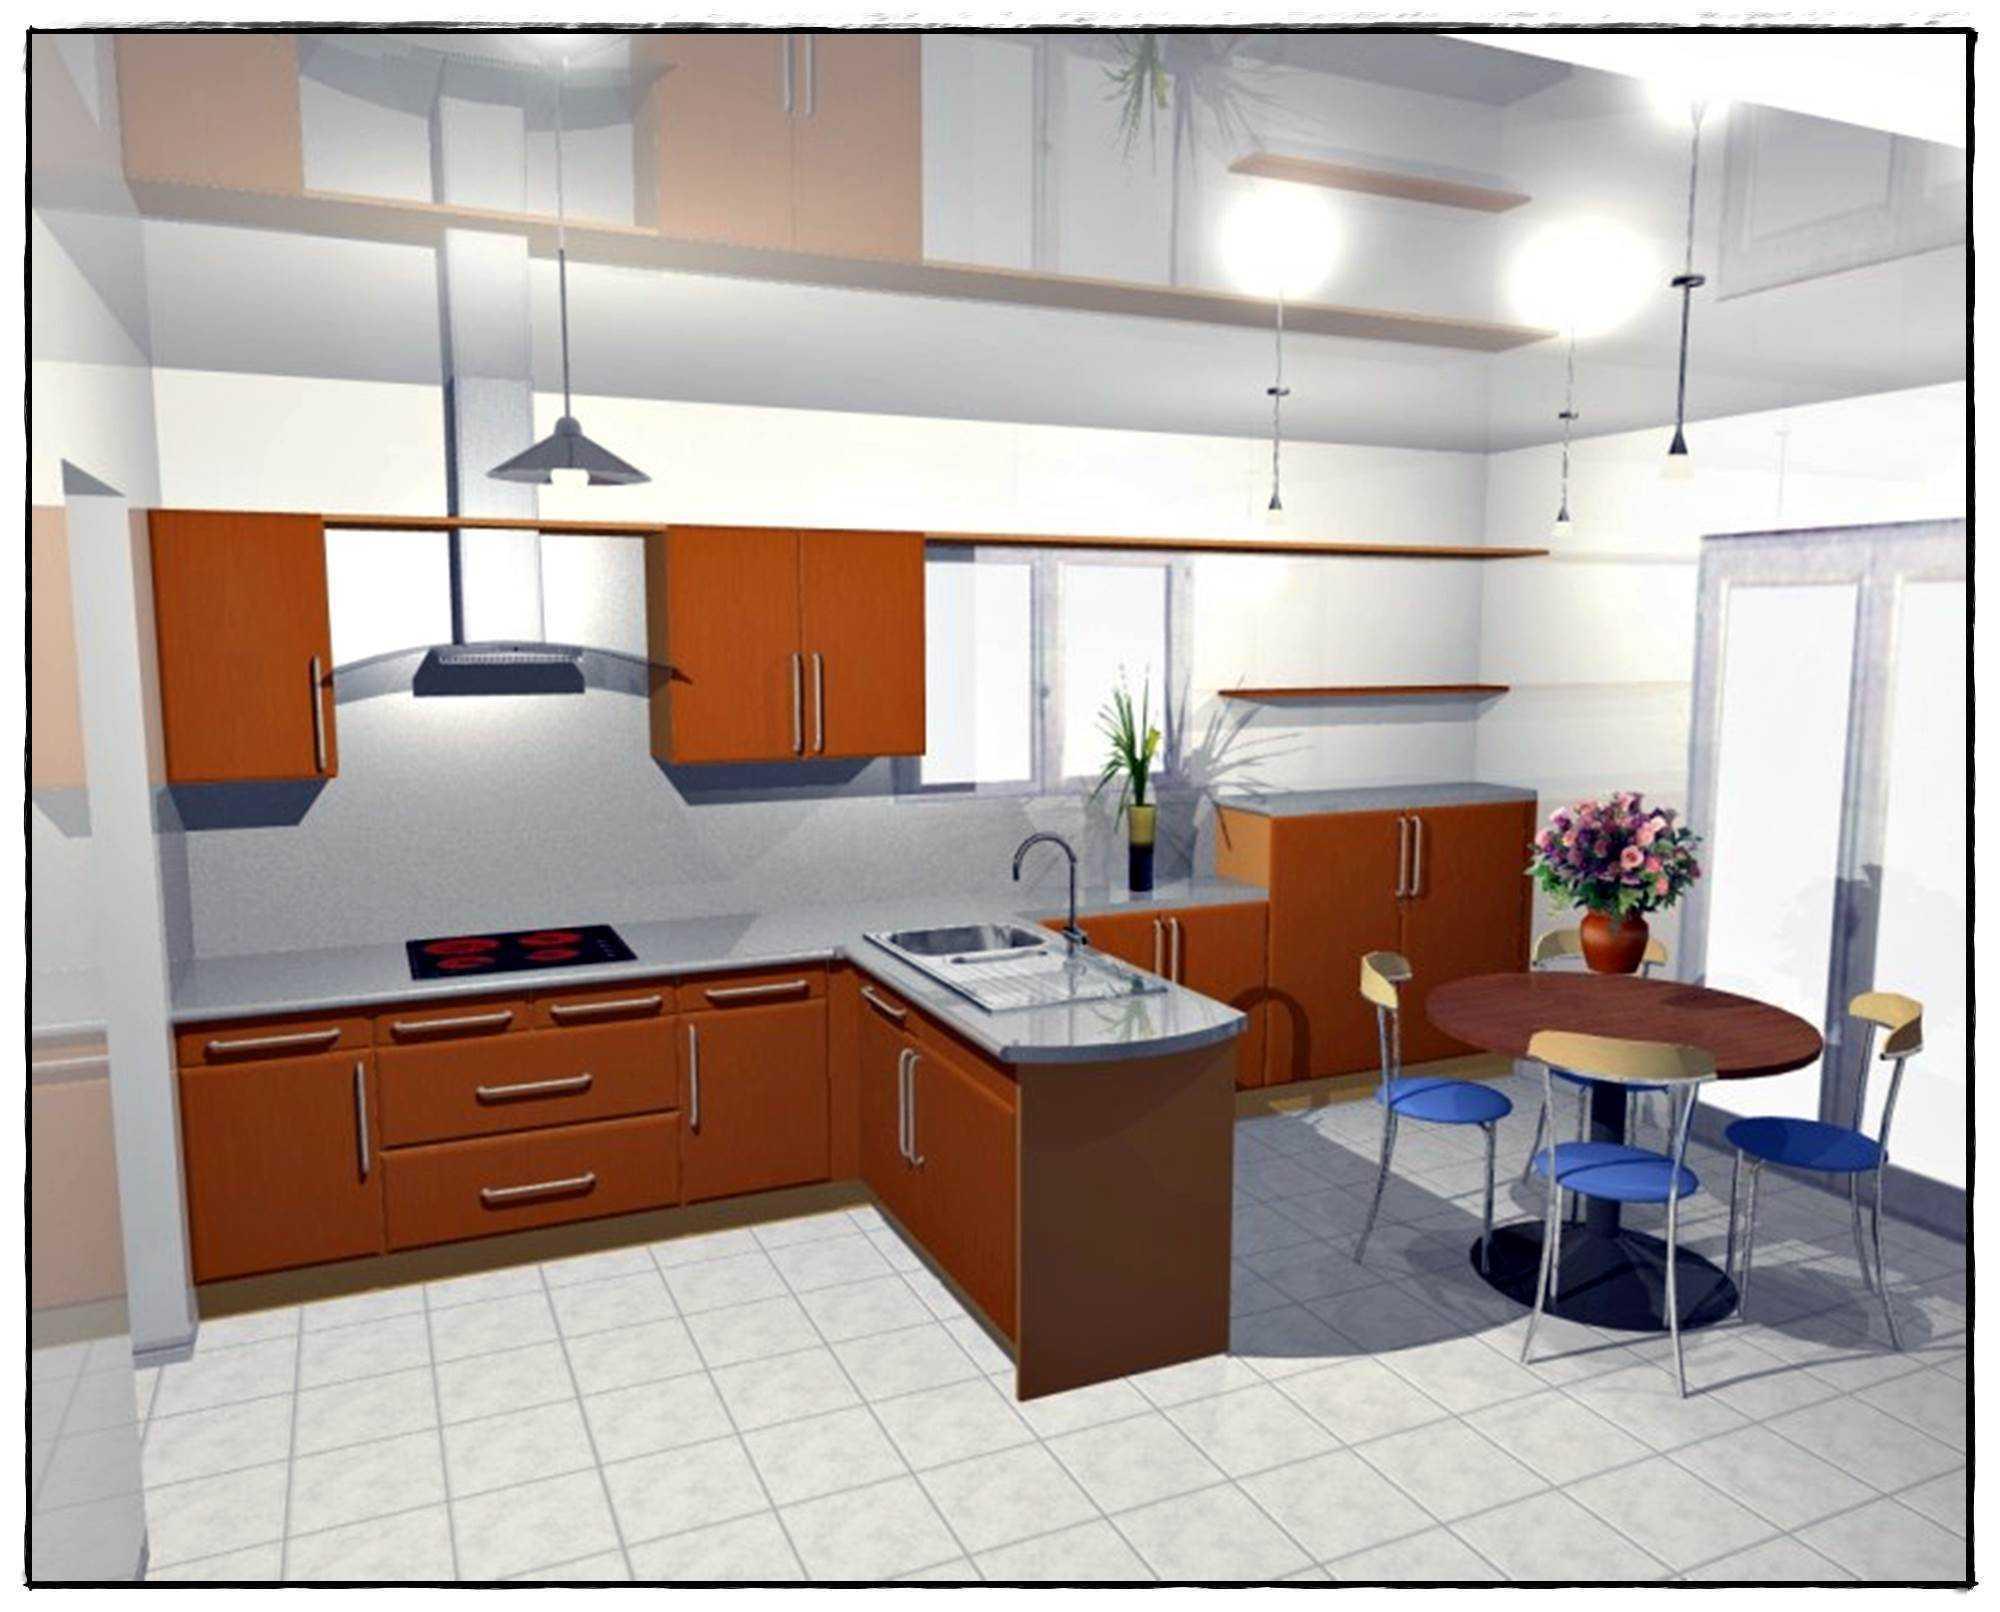 Configurateur salle de bain ikea impressionnant - Conception salle de bain 3d gratuit ...